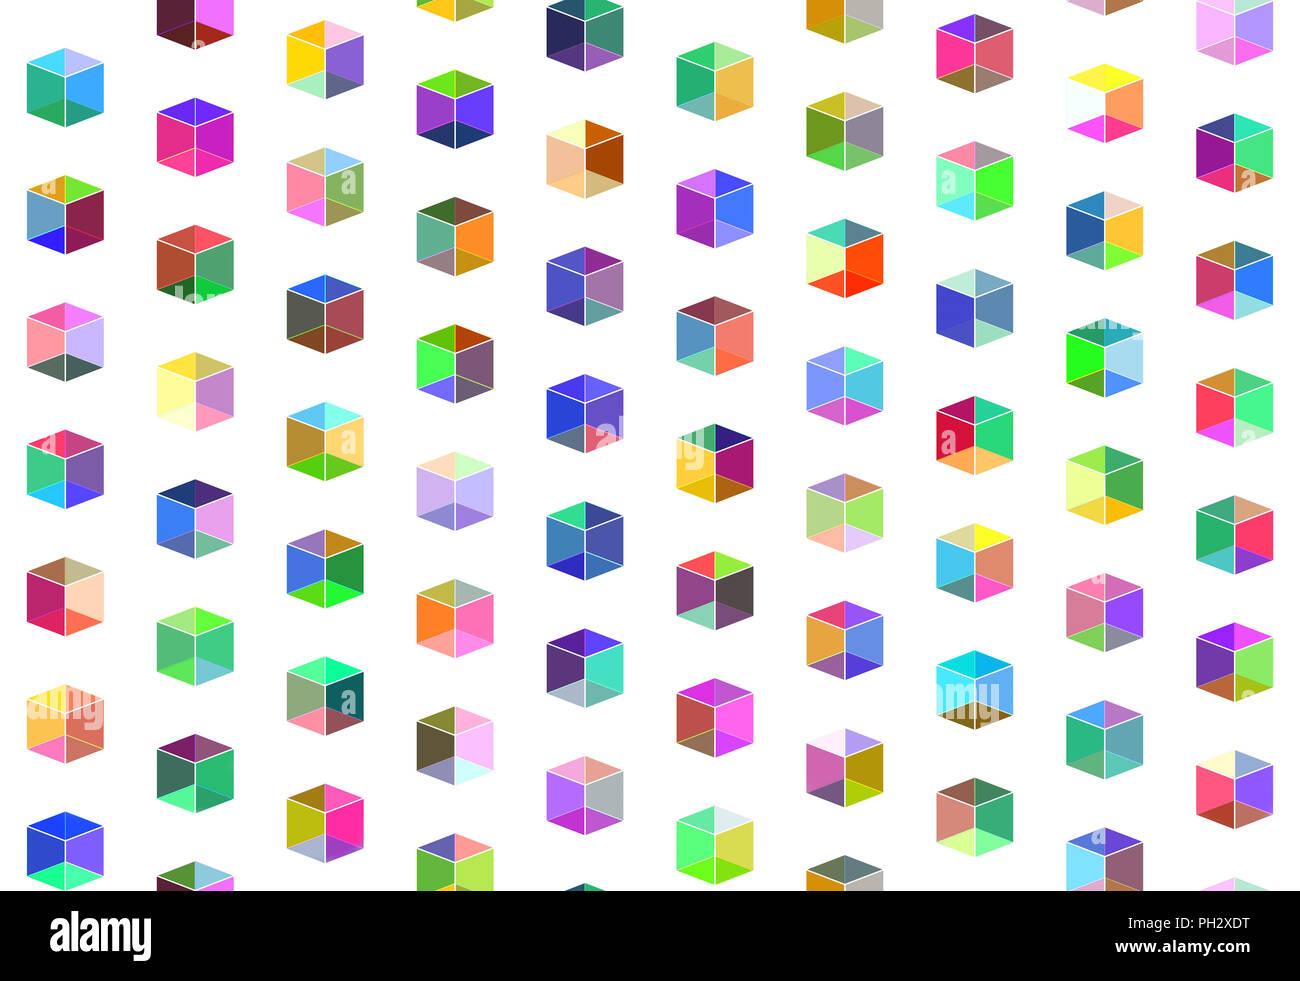 Varicolored cubi trasparenti, modello senza giunture Immagini Stock